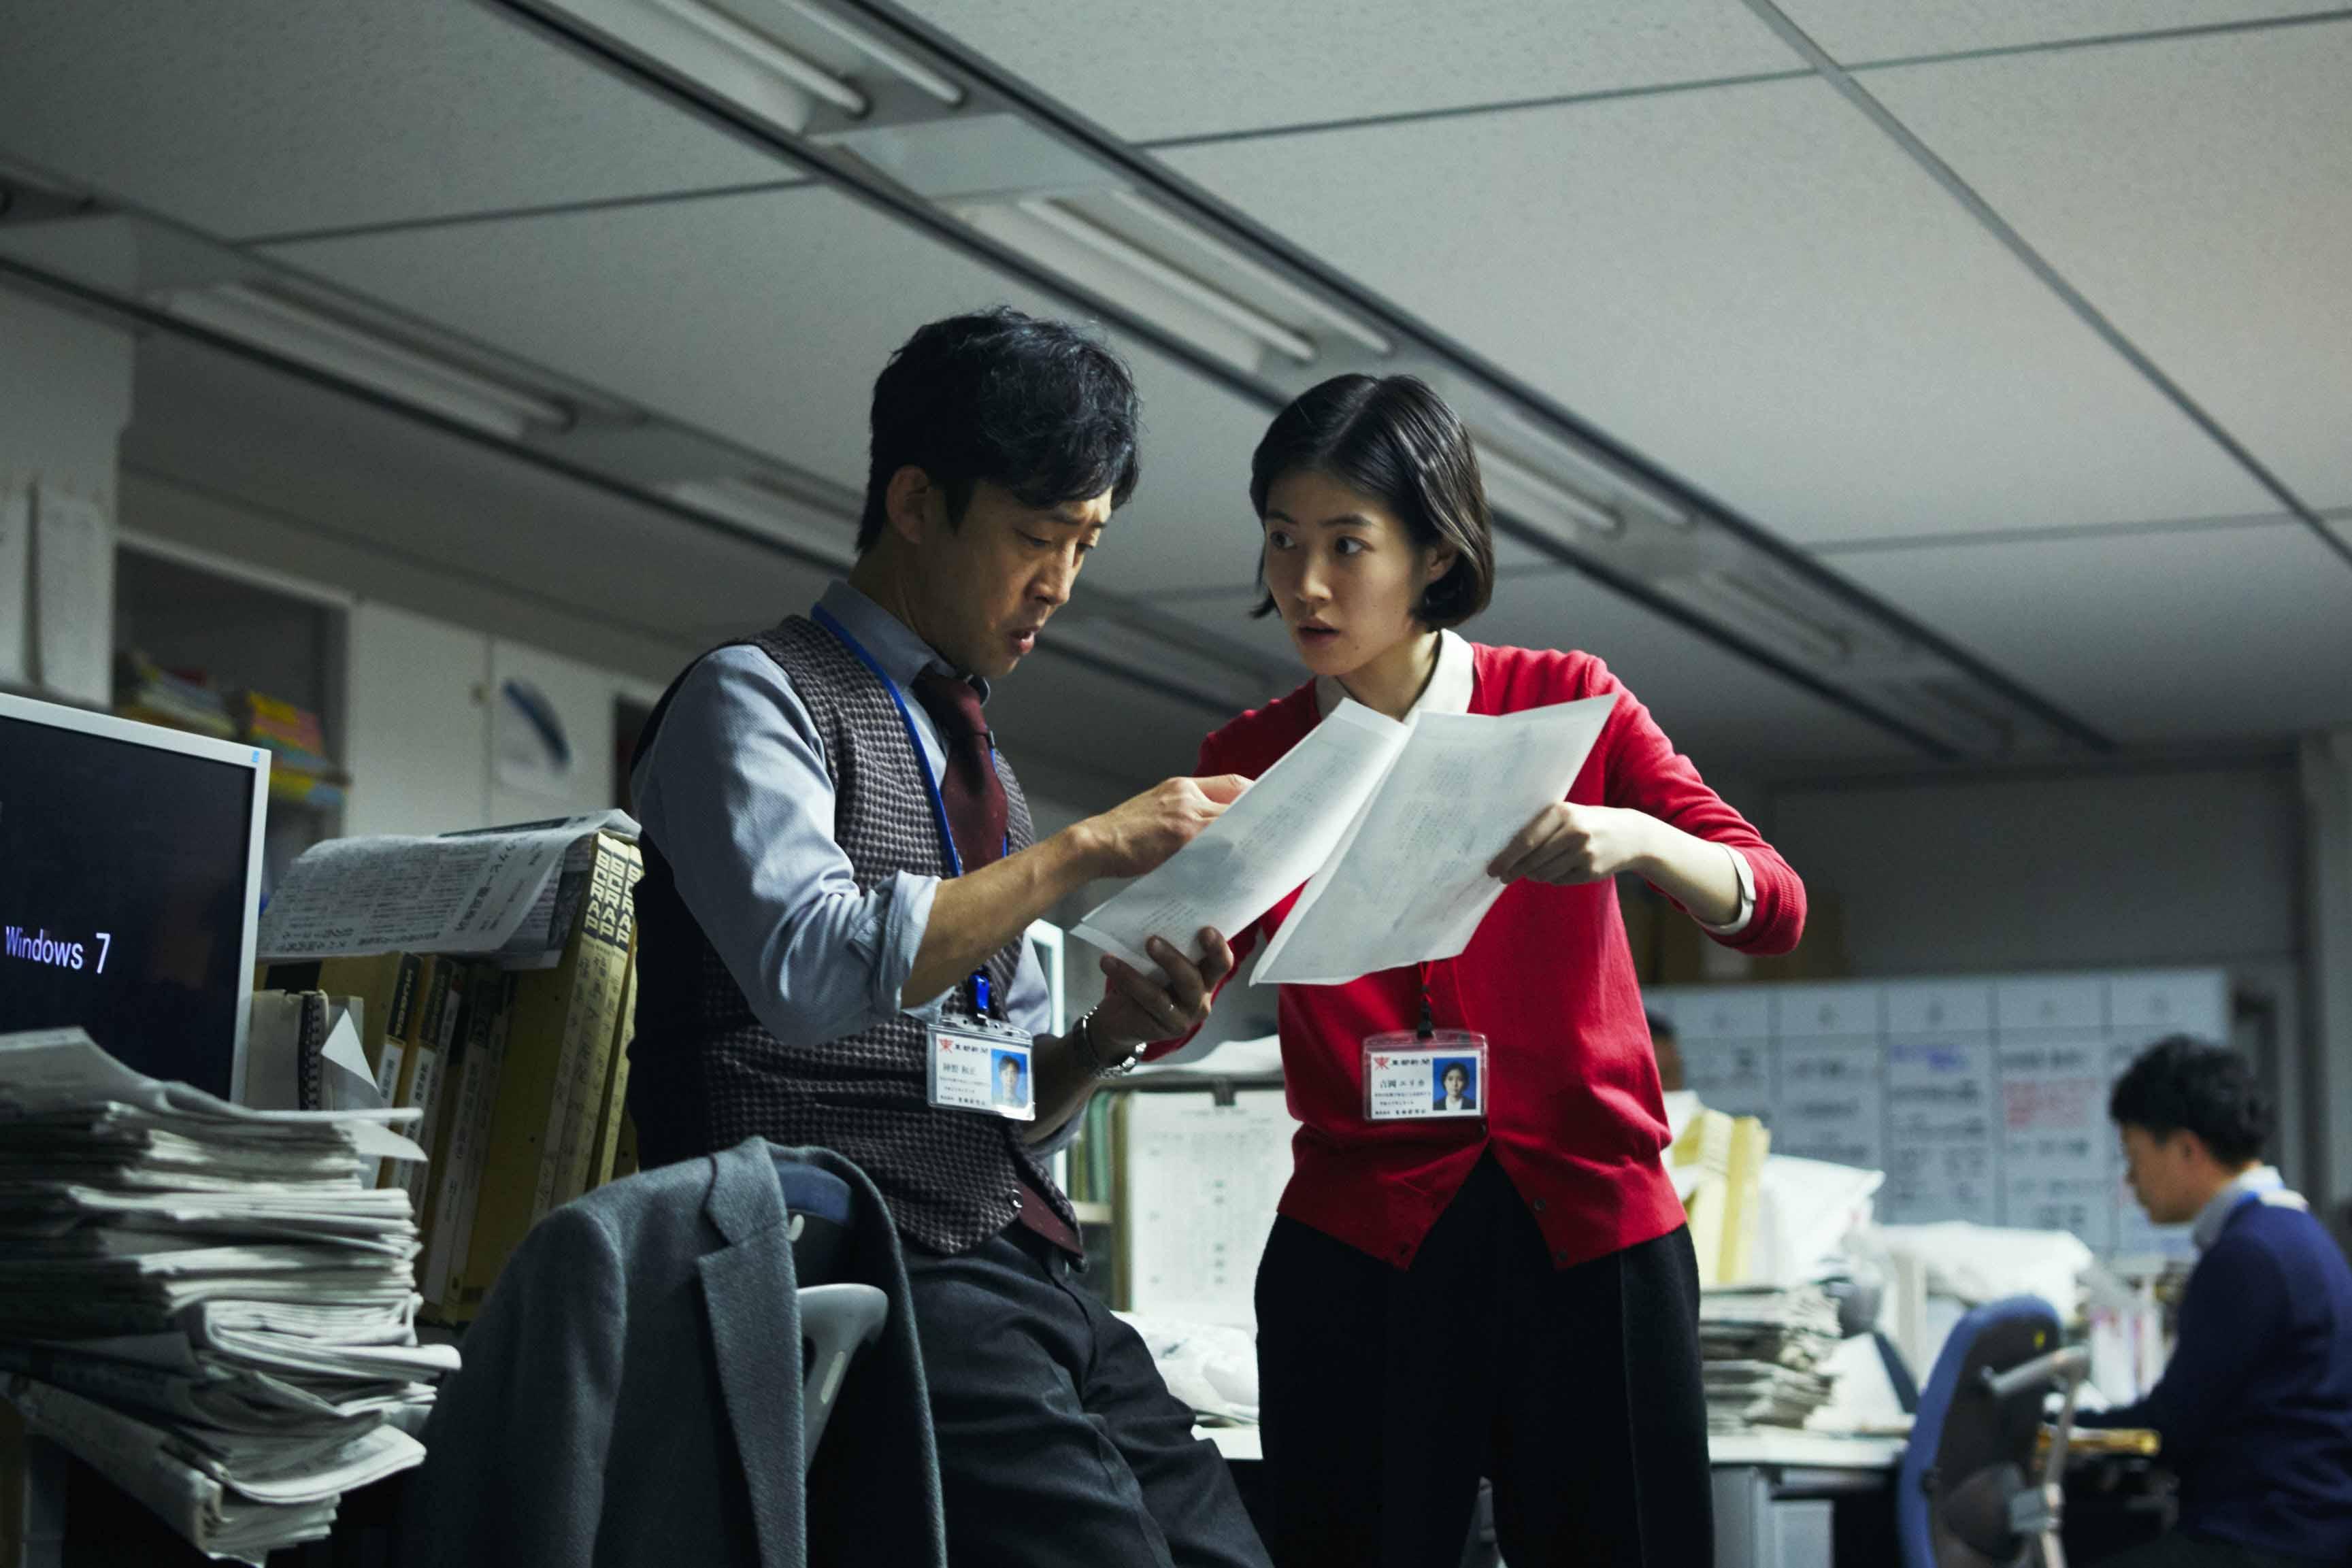 日本人氣男星松坂桃李,攜手韓國實力派女星沈恩敬演出《新聞記者》